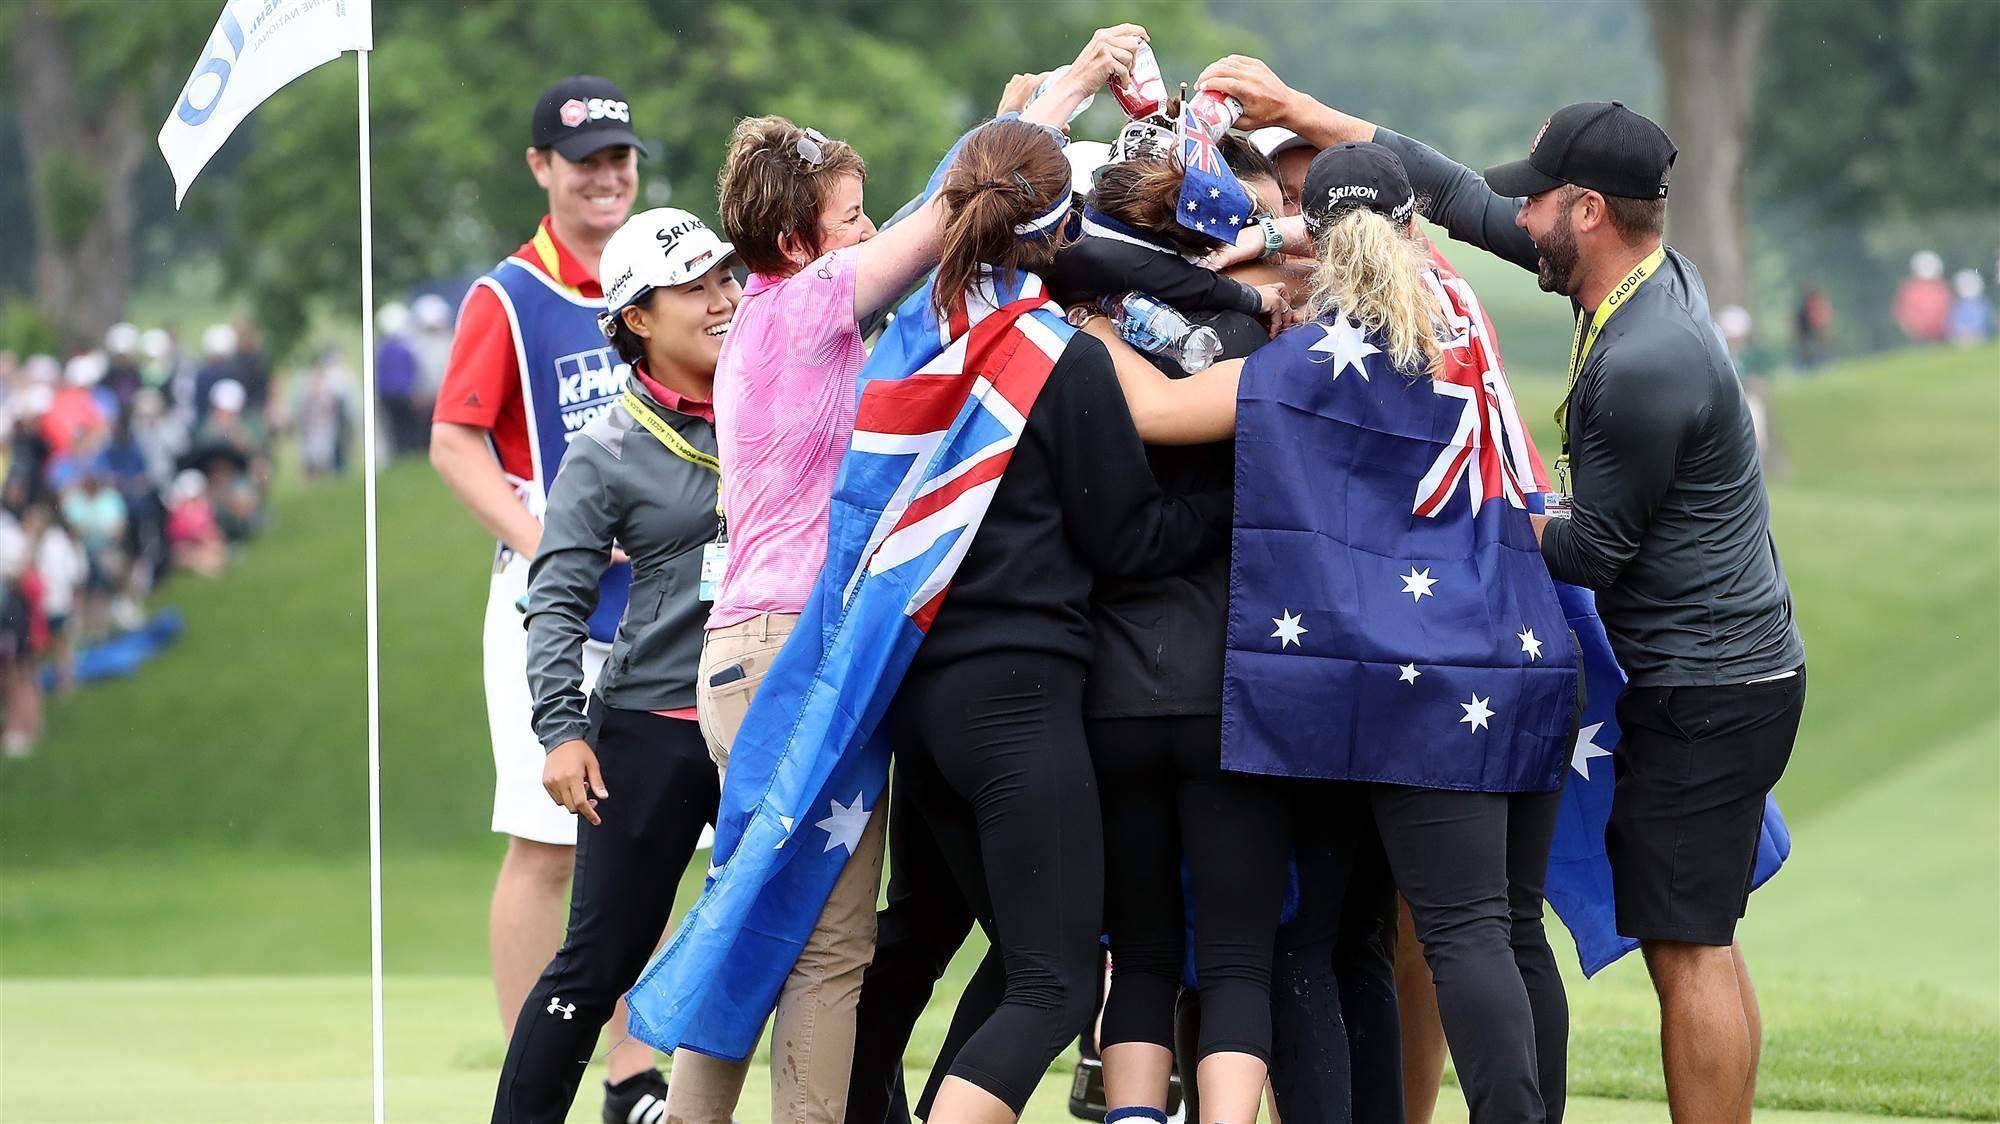 Exciting era for Aussie women's golf: Webb